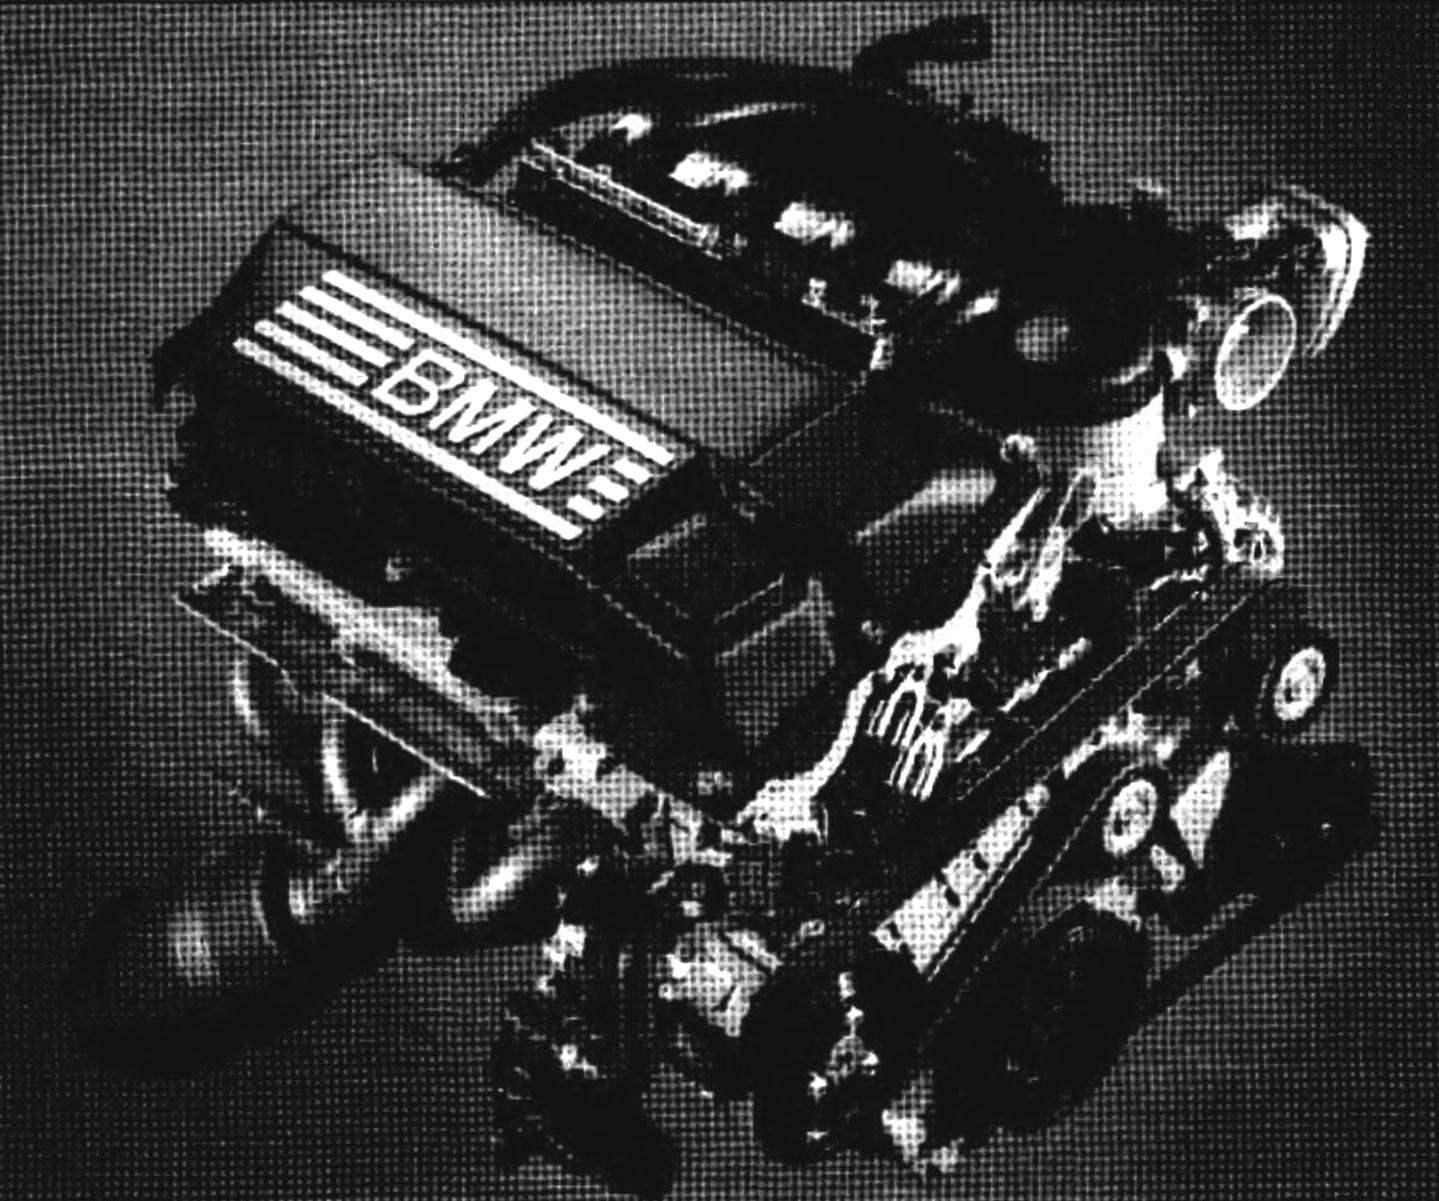 Двигатель BMW SERIES 1 оснащен системой регулирования подъема клапанов